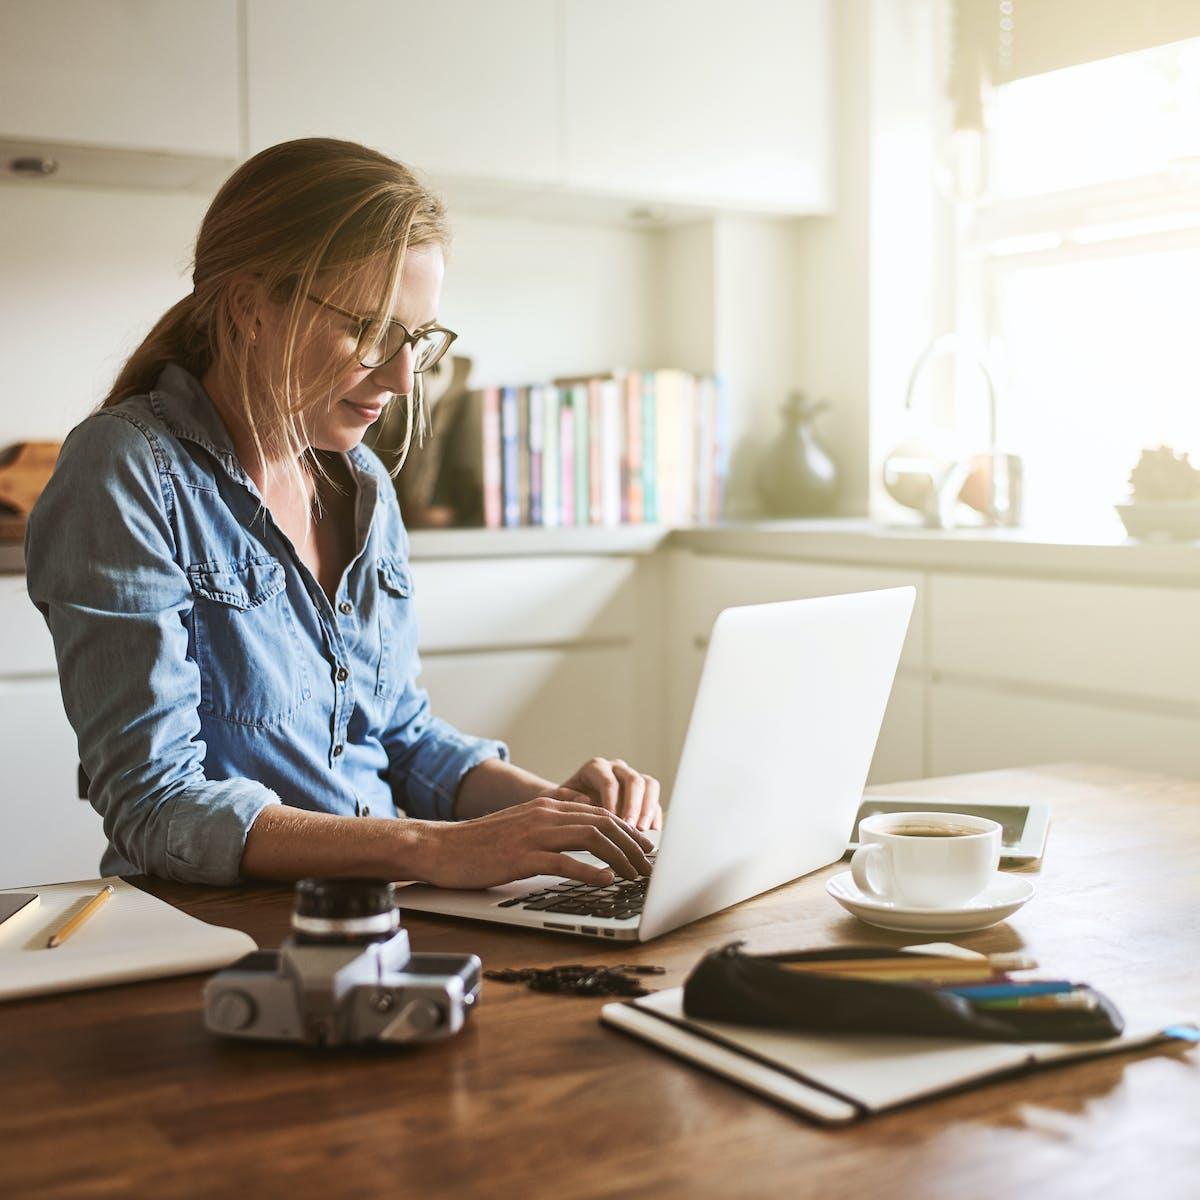 Cherche emploi pour femme de ménage: Trouver ici - Homeservice24